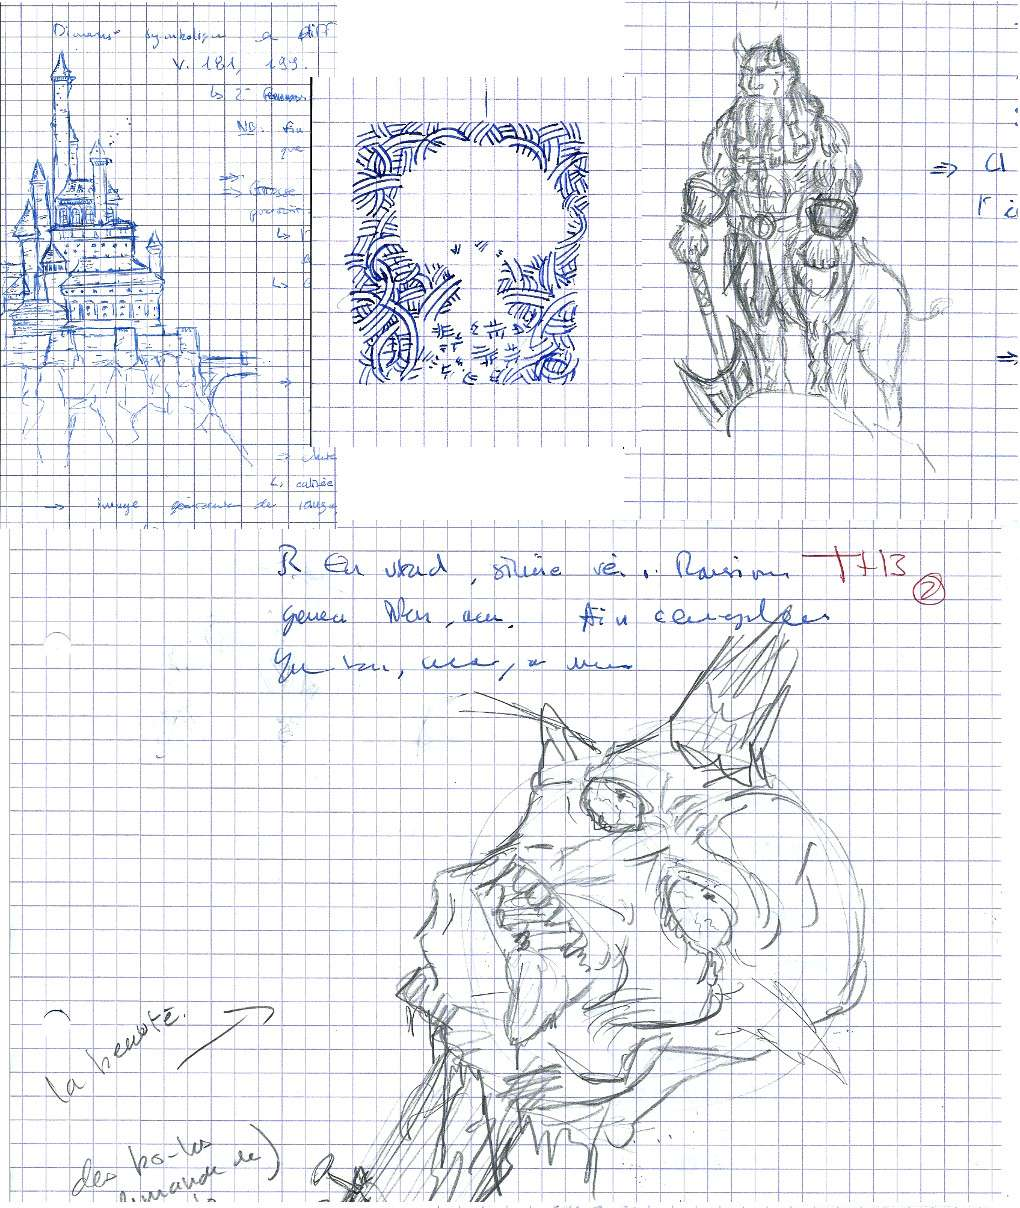 Les dessins de Gromdal - Page 5 Franca11